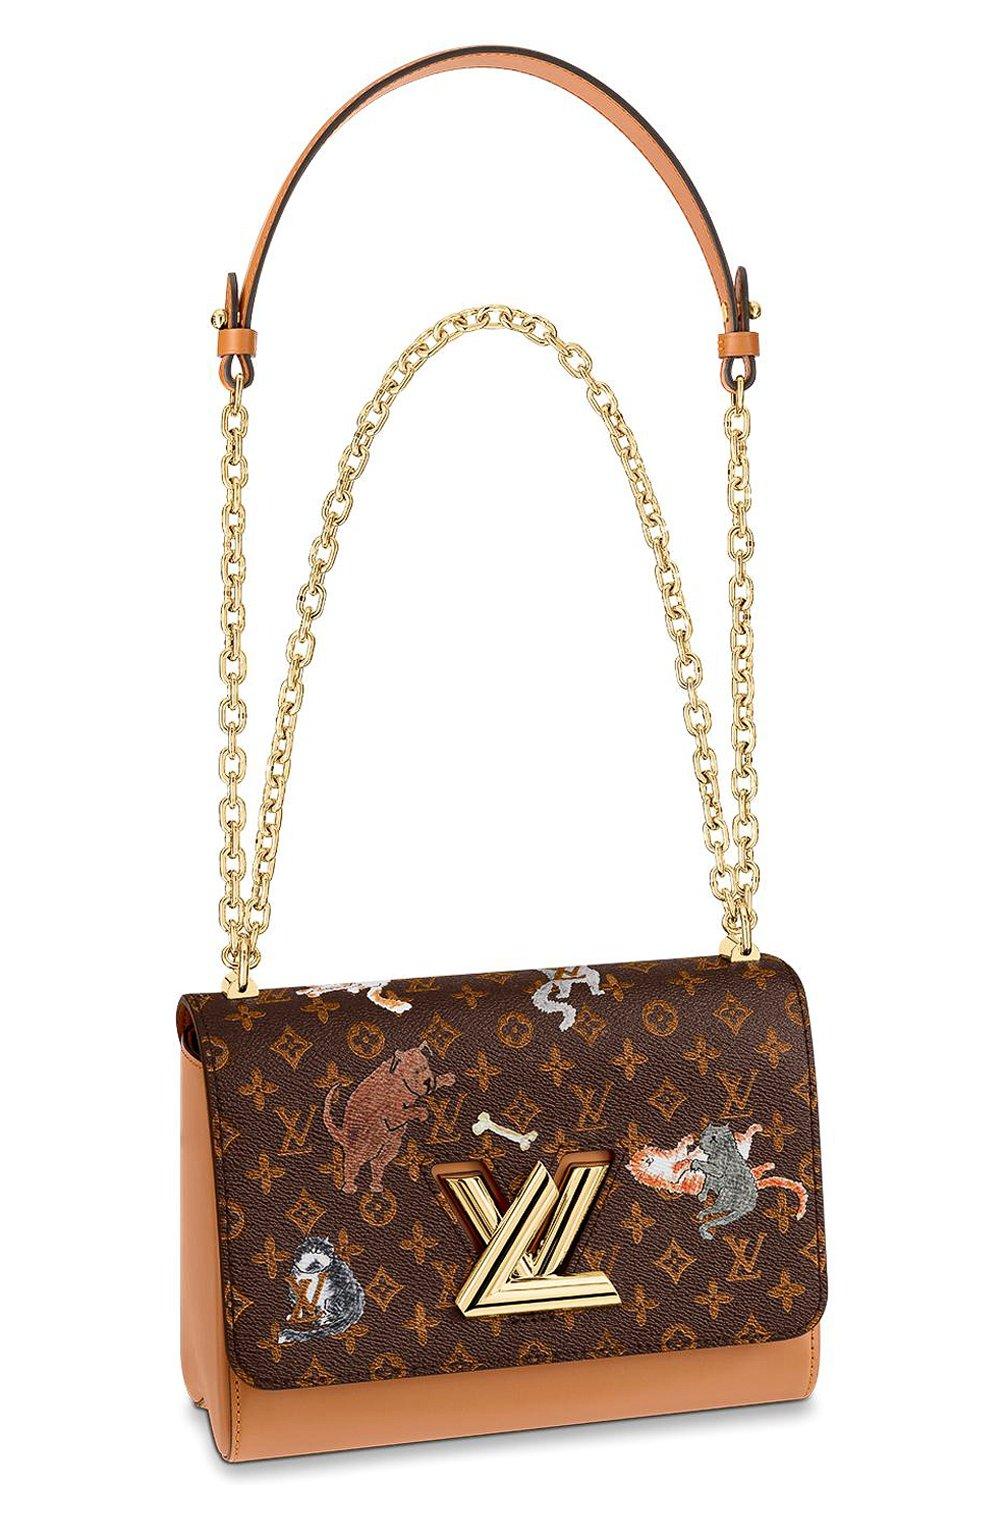 Купить стильную сумку Louis Vuitton (Луи Вюиттон) в интернет-магазине